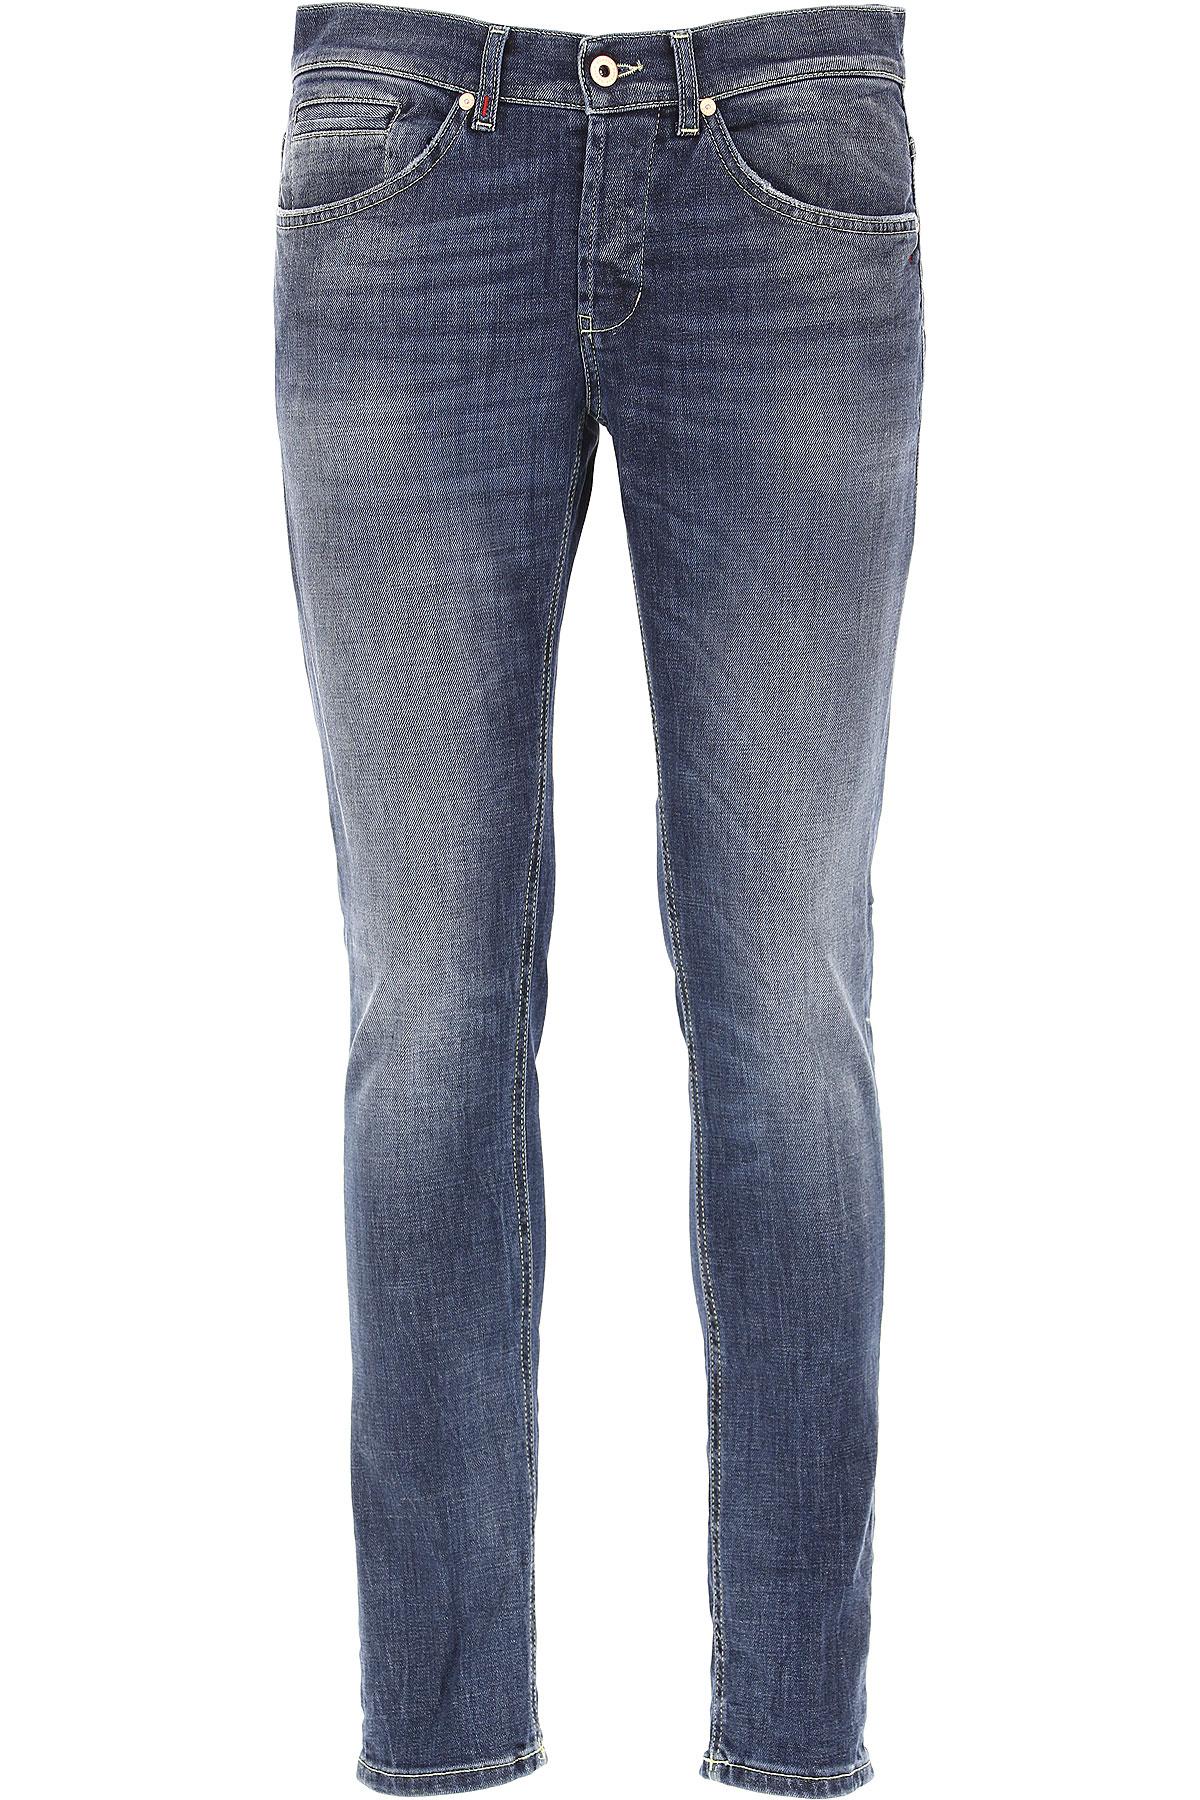 Dondup Jeans On Sale, Denim Blue, Cotton, 2017, 30 31